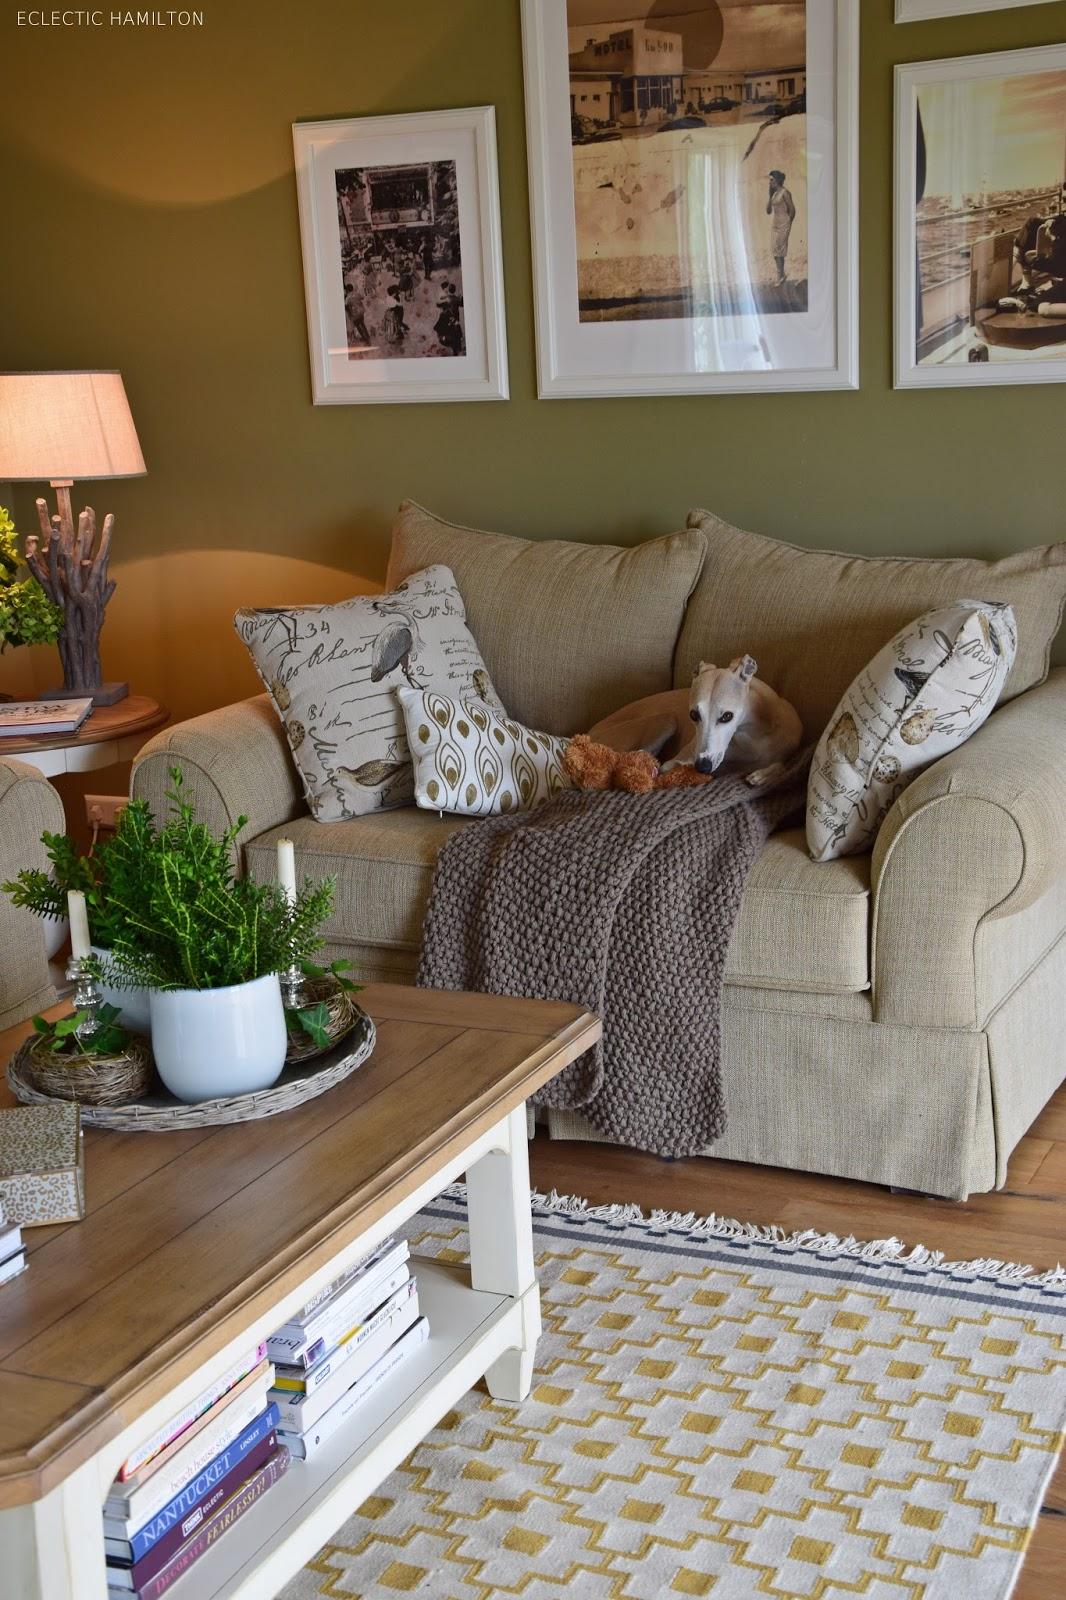 Mein Wohnzimmer ... neu gestaltet | ECLECTIC HAMILTON